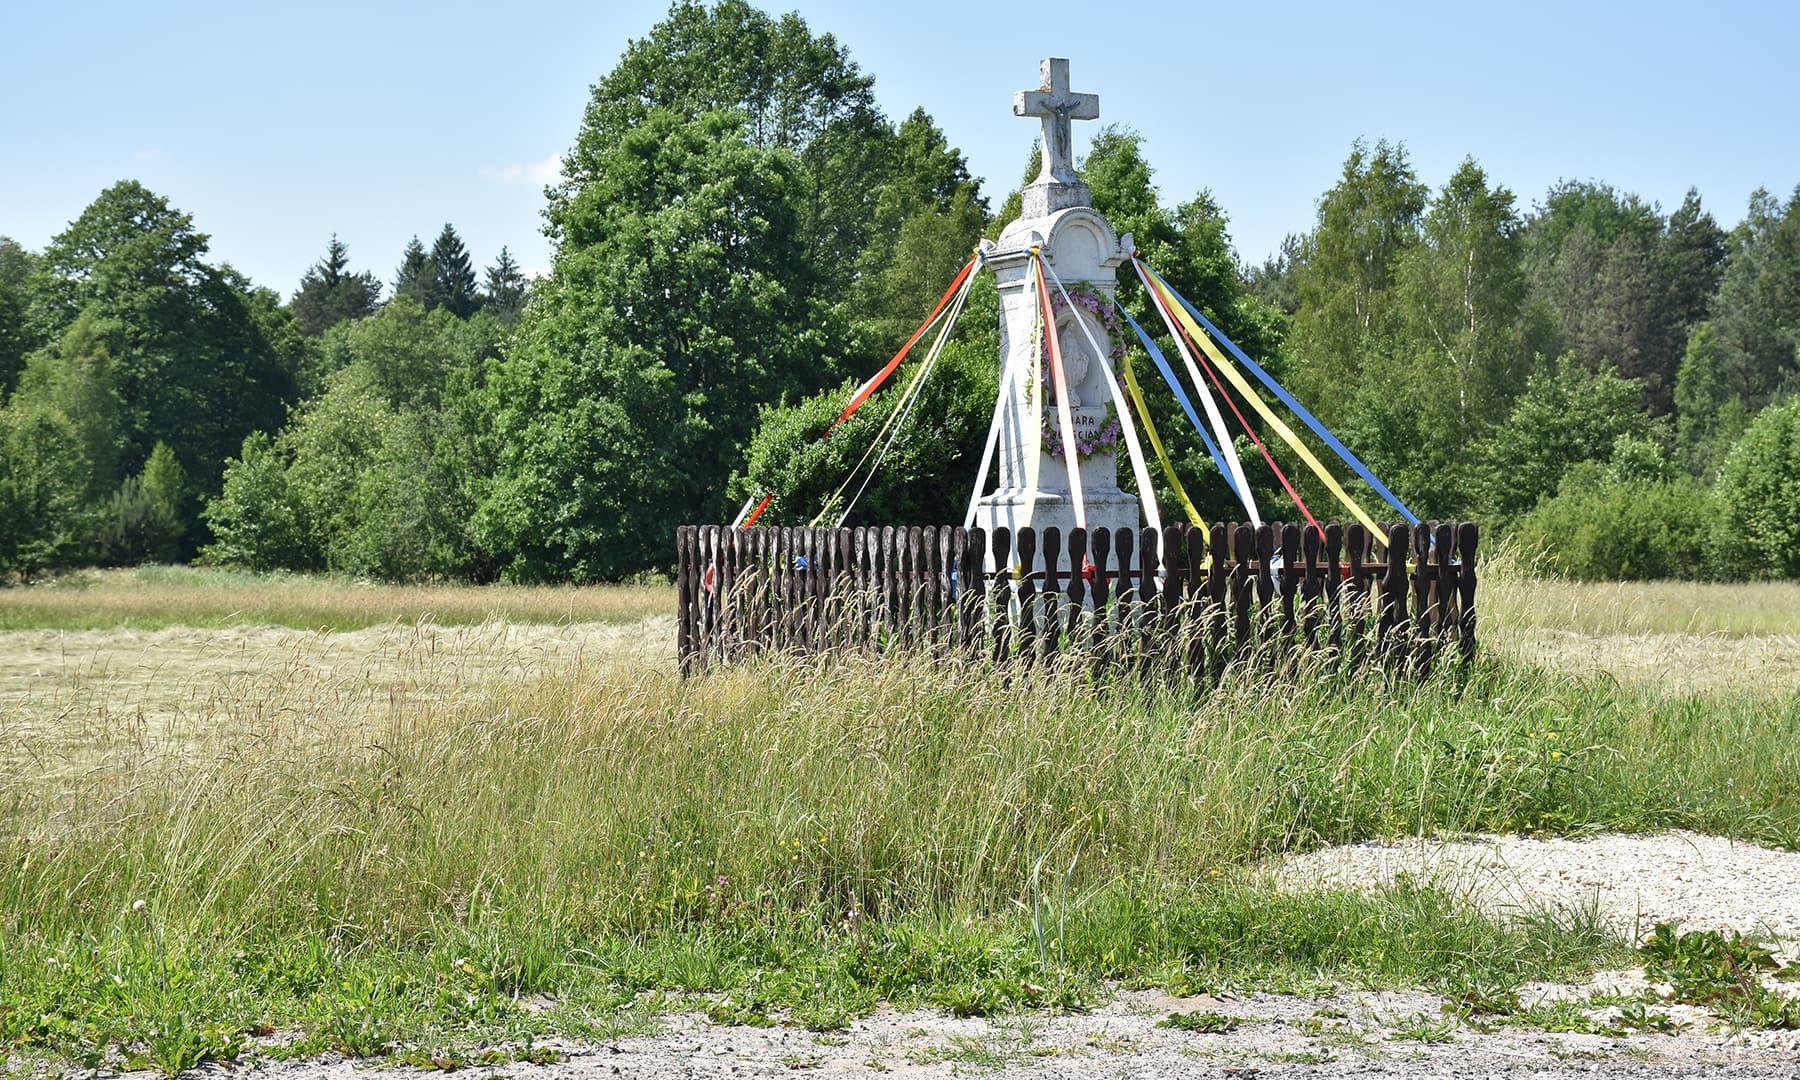 سفر کے دوران جابجا صلیبیں ایستادہ نظر آتی ہیں